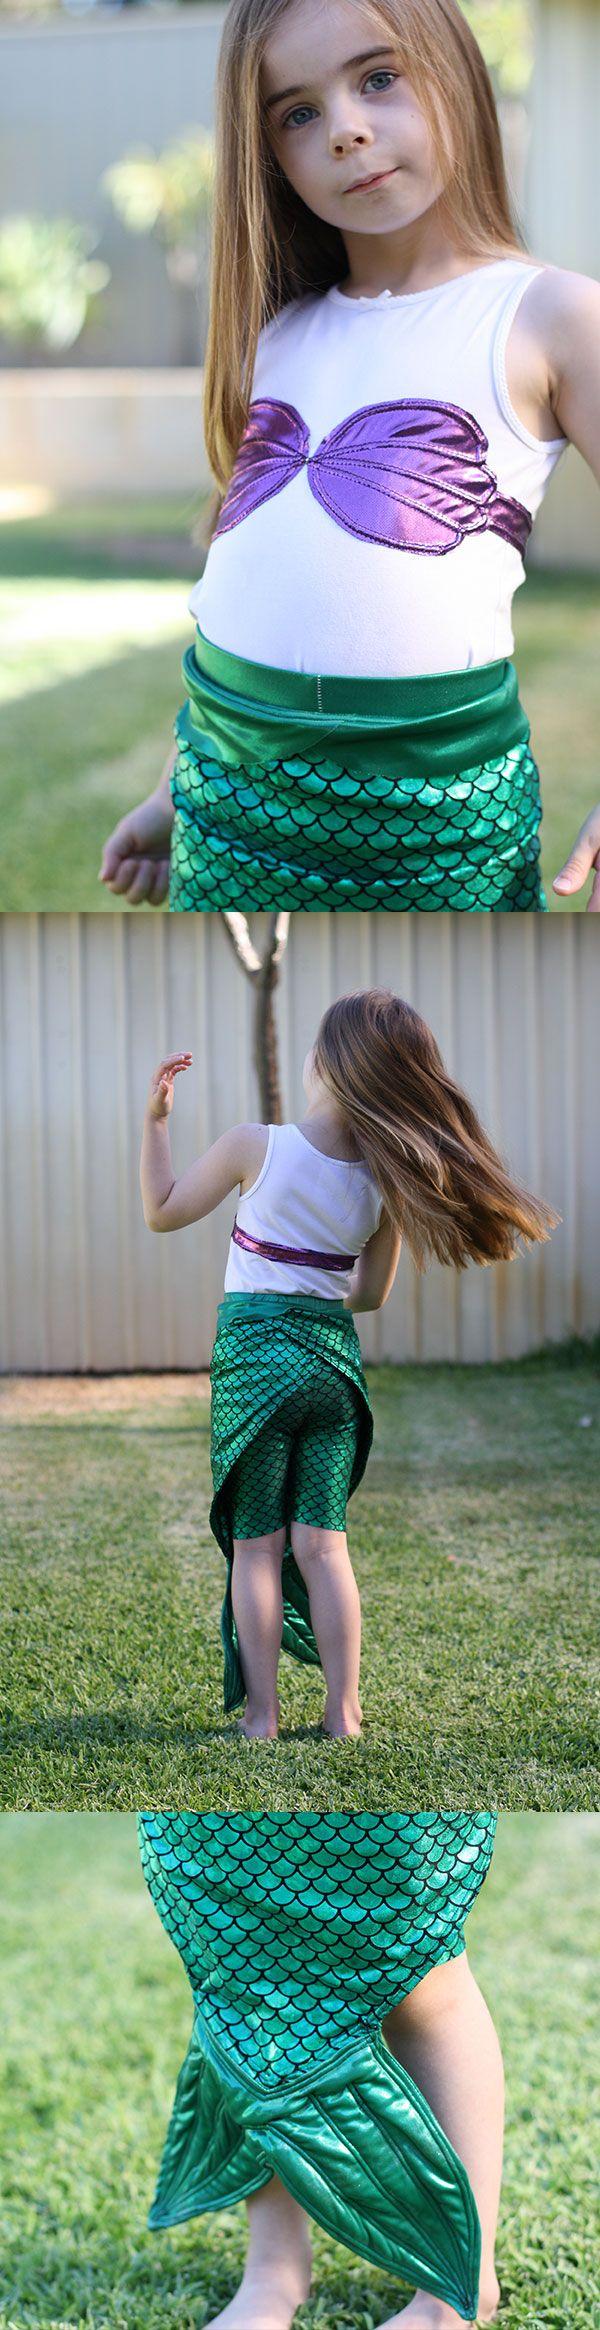 megan nielsen design diary: the little mermaid costume!